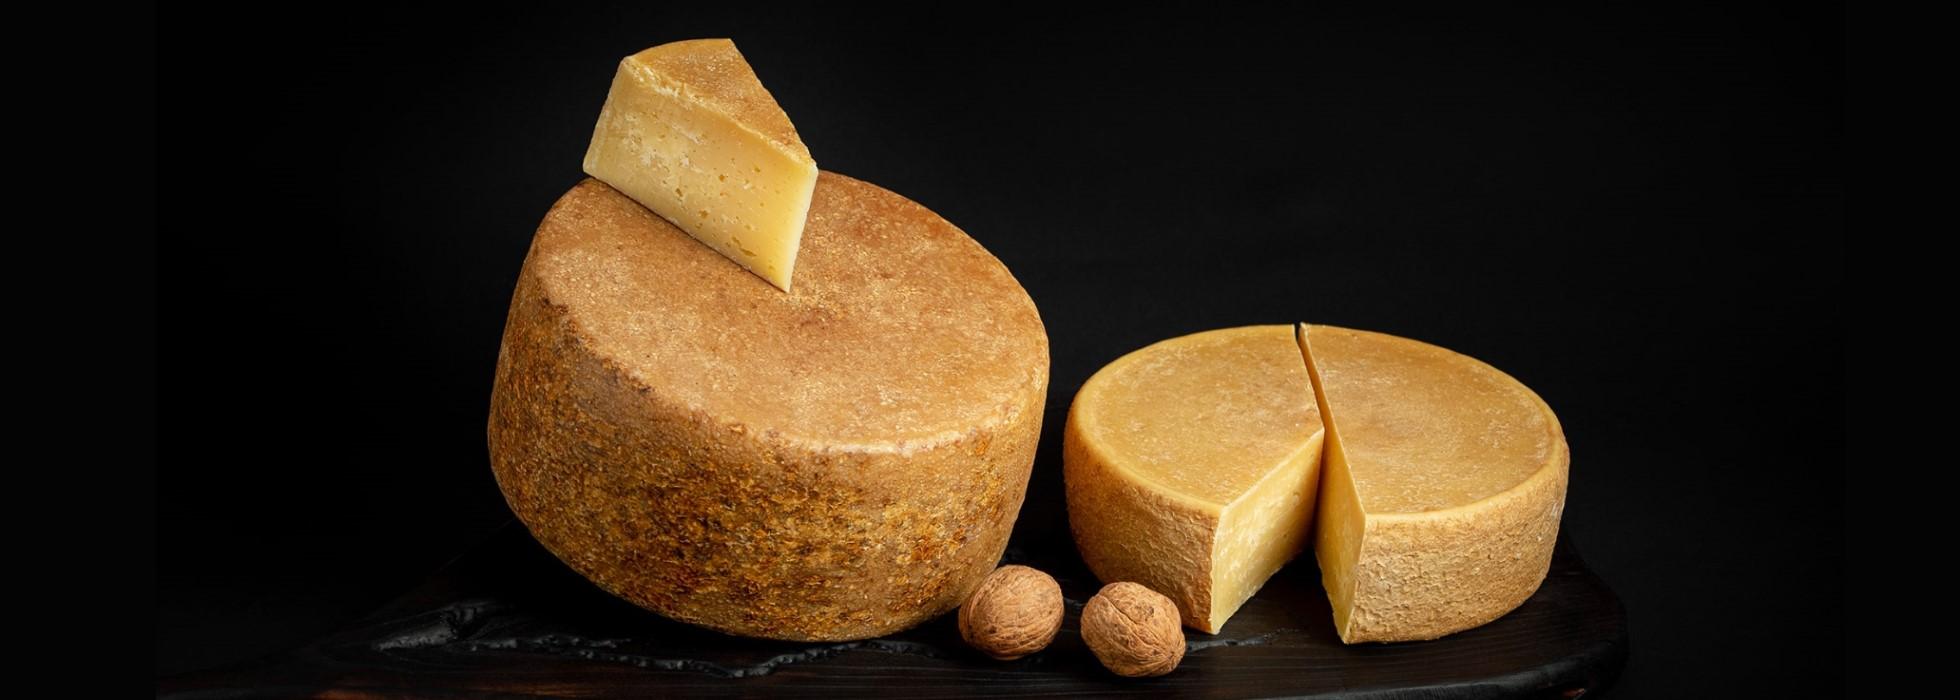 Brânzeturi maturate după rețete elvețiene